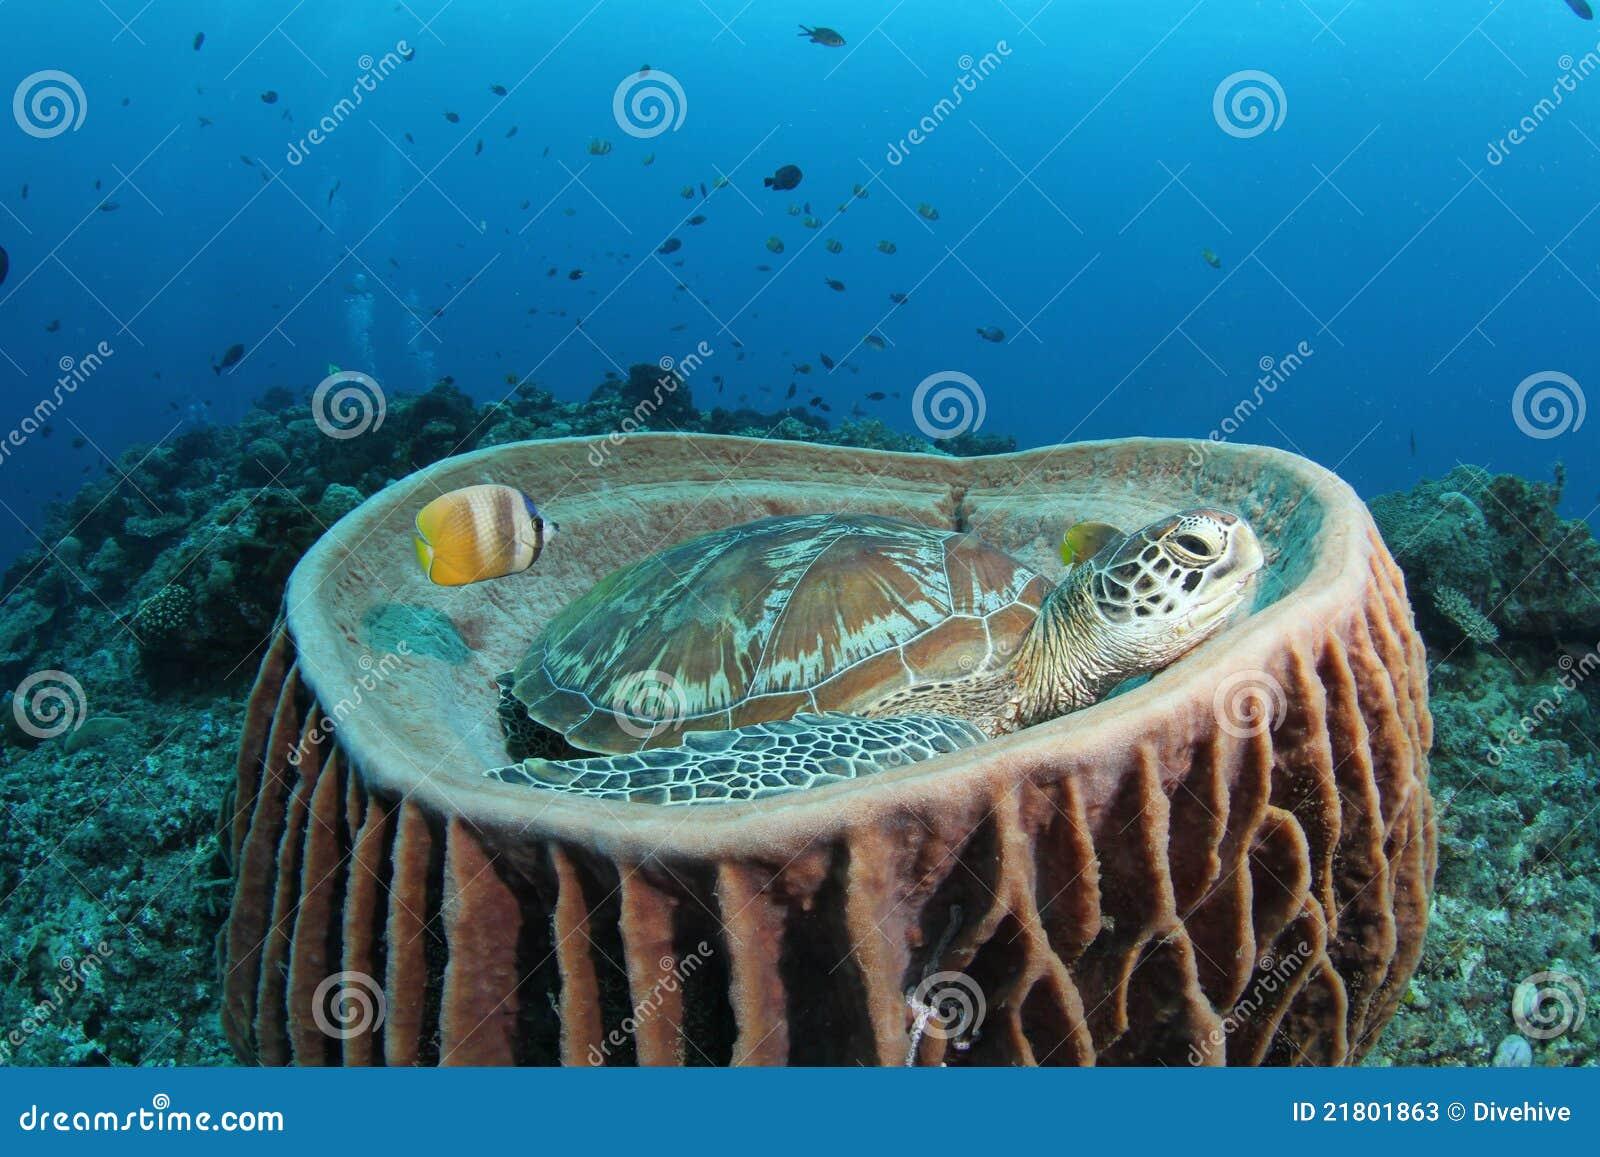 Green turtle sitting in barrel sponge